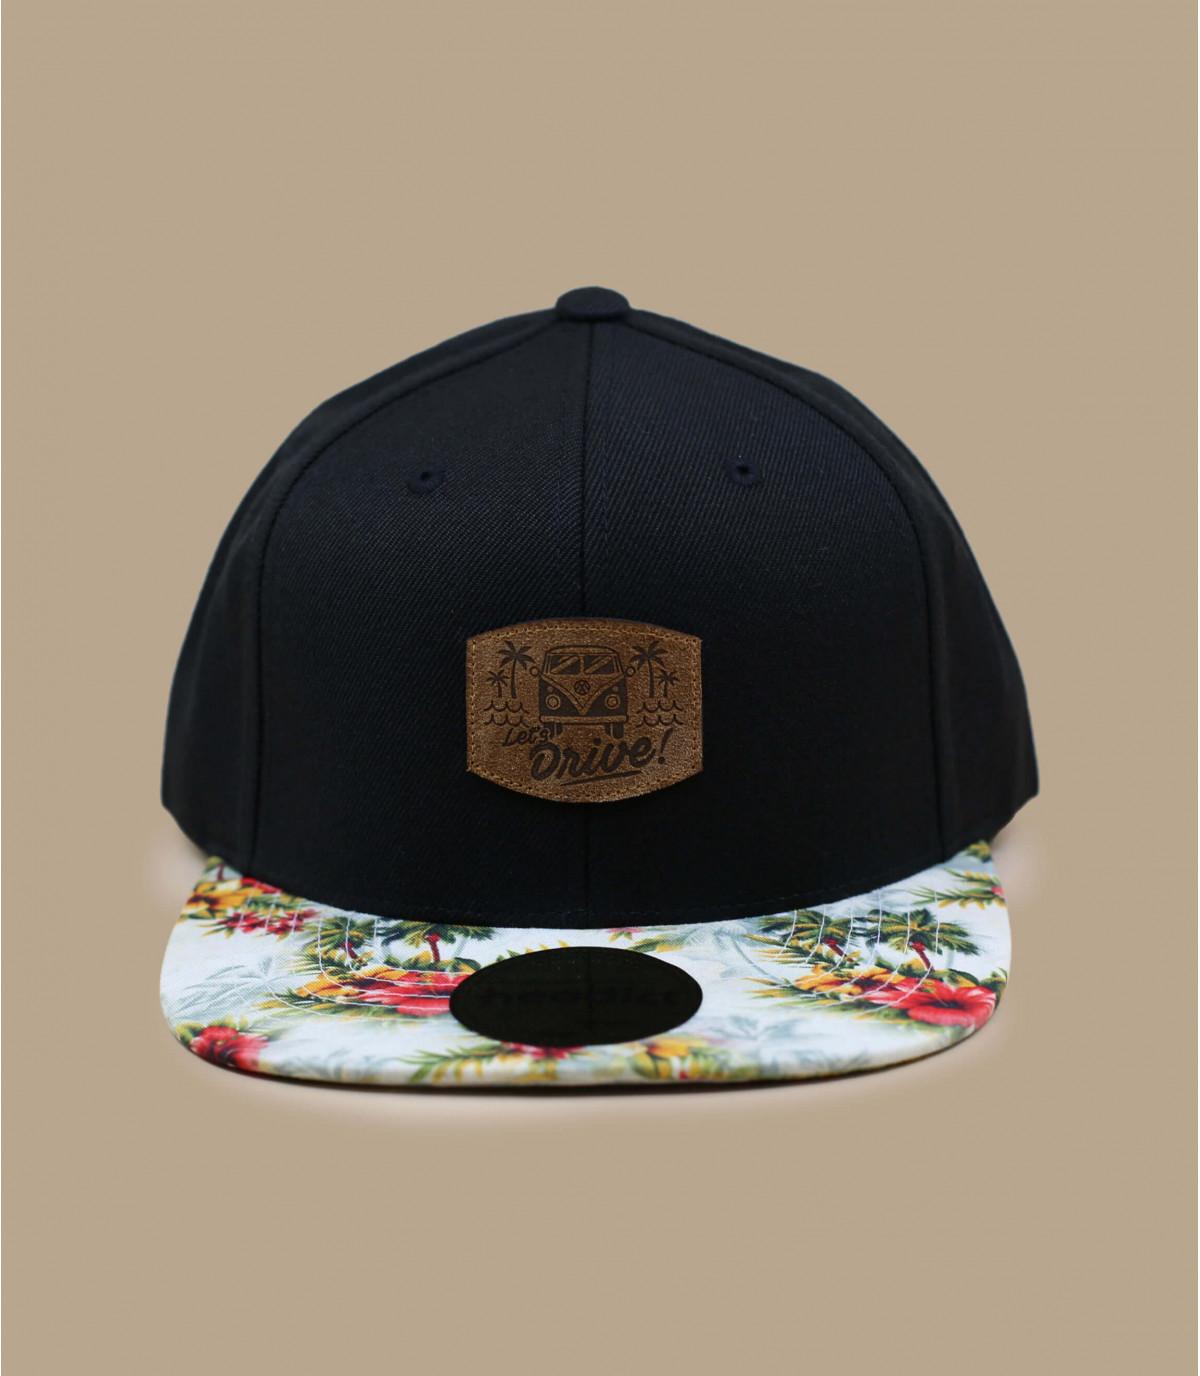 Details Snapback Let's Drive black floral - afbeeling 2